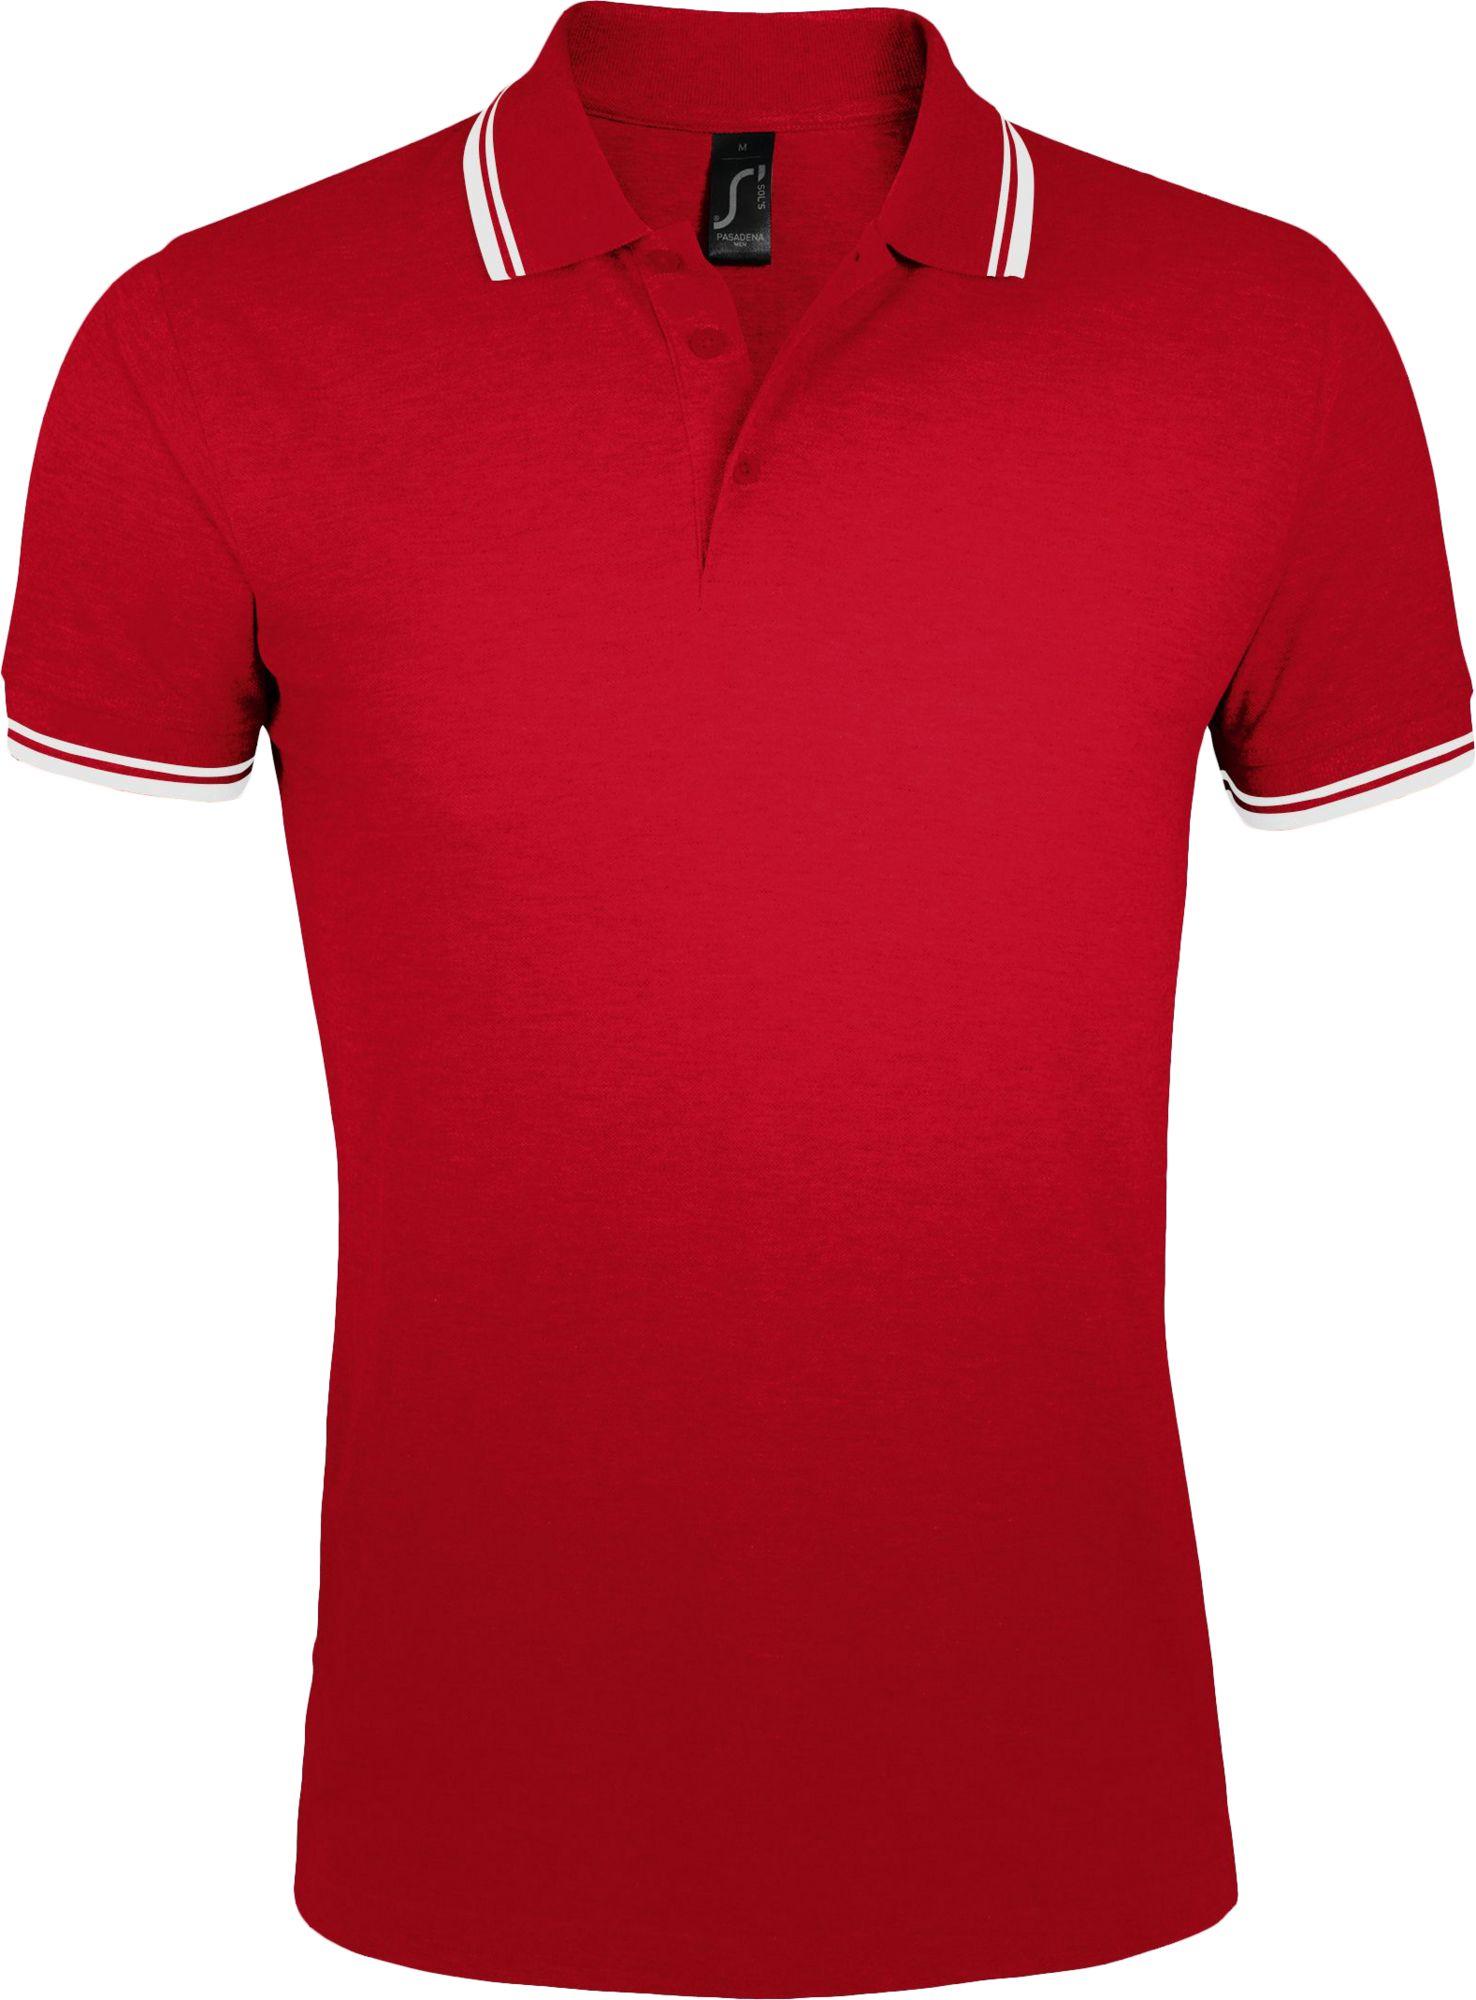 Рубашка поло мужская PASADENA MEN 200, красная с белым